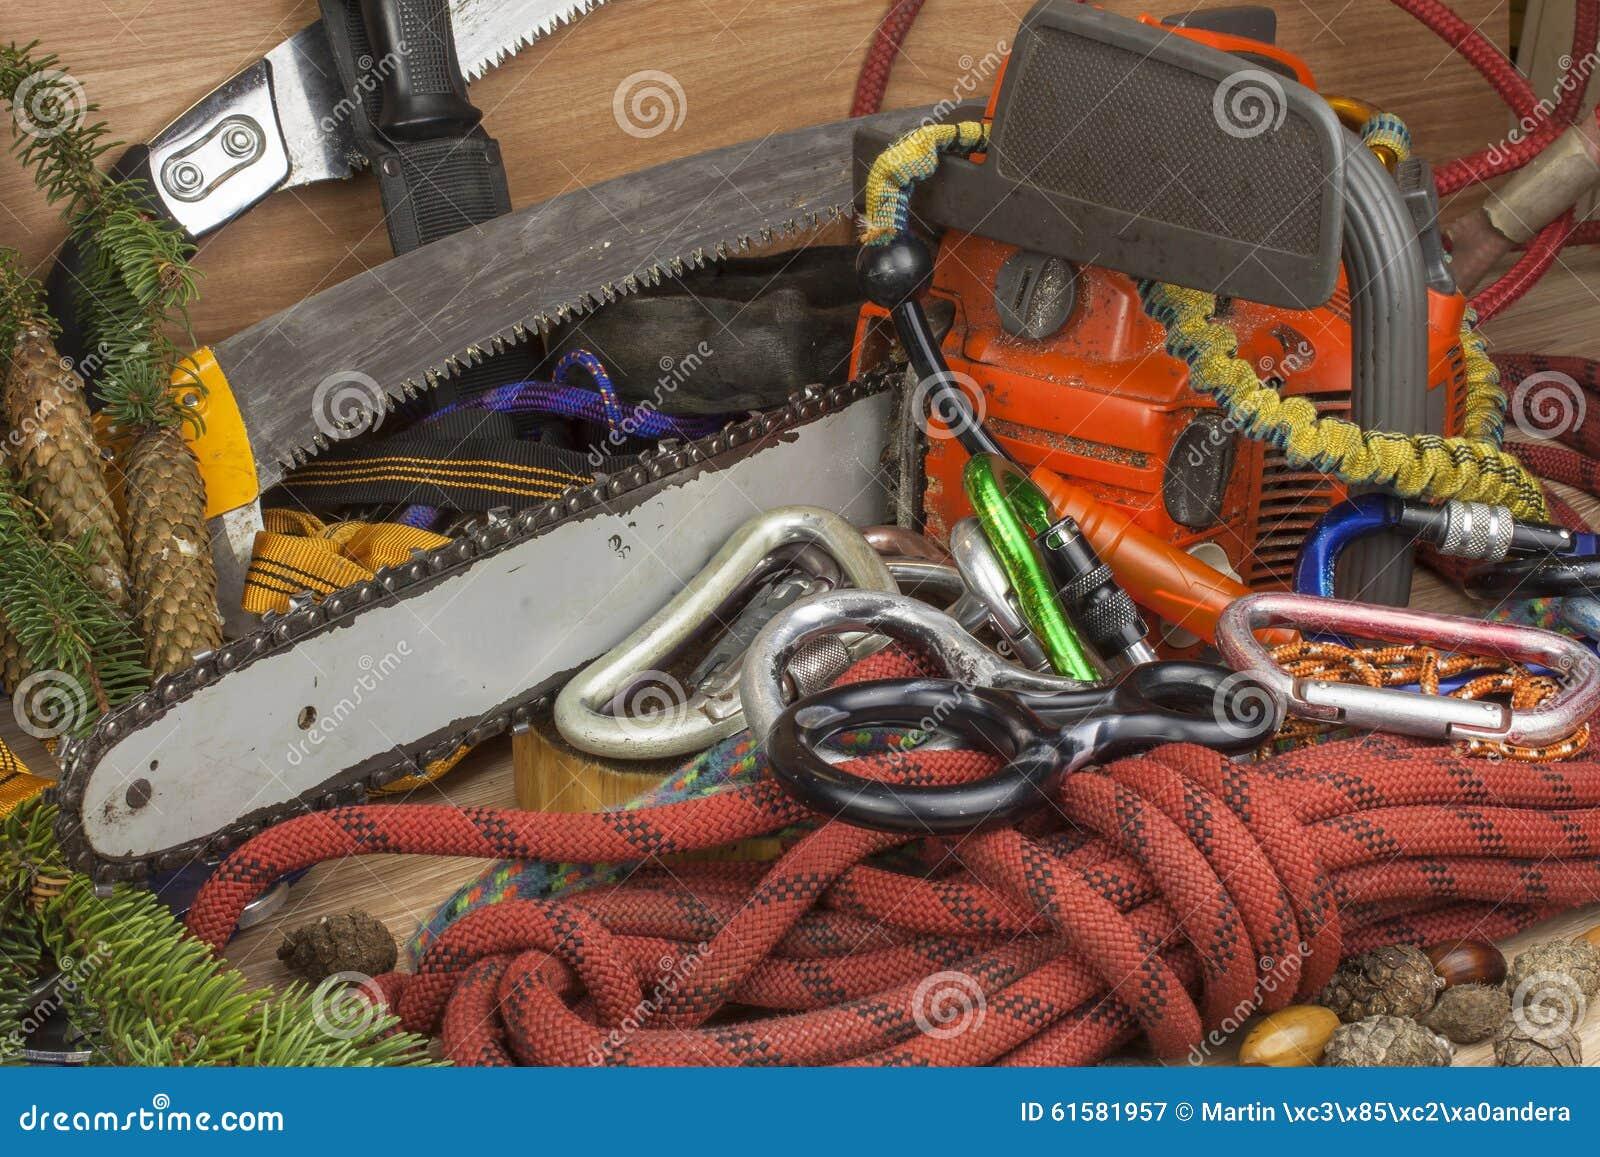 Outils pour quilibrer des arbres arboristes de service tron onneuse corde et carabiners pour - Travail du bois pour debutant ...